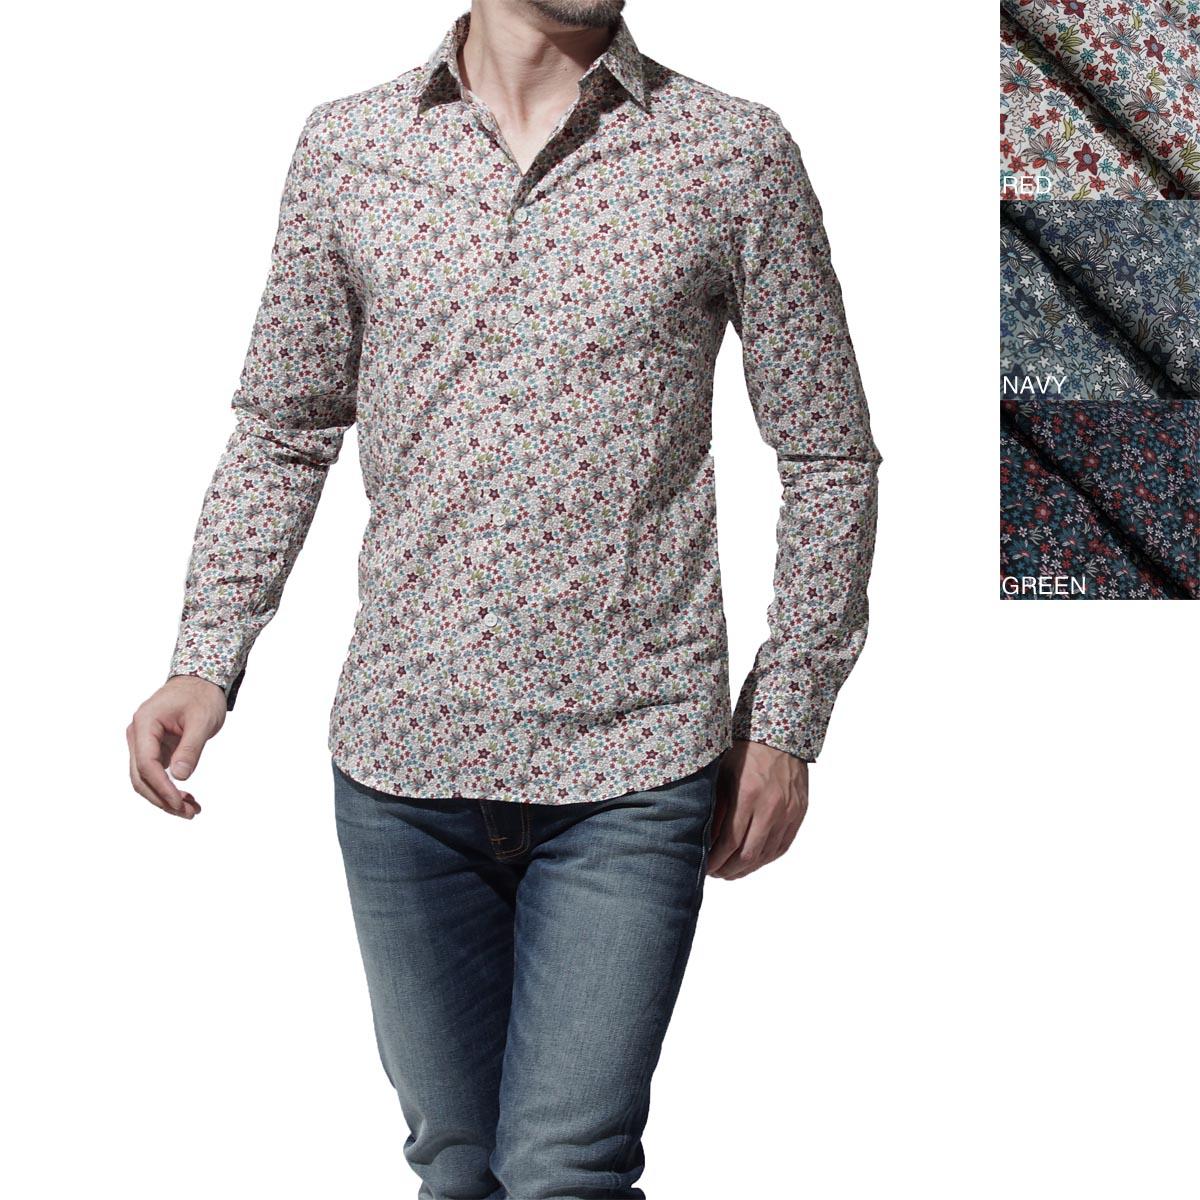 ポールスミス PS BY PAUL SMITH レギュラーカラーシャツ プリントシャツ MENS SHIRT SLIM LSLV psxd433r 471 メンズ【ラッピング無料】【返品送料無料】【あす楽対応_関東】